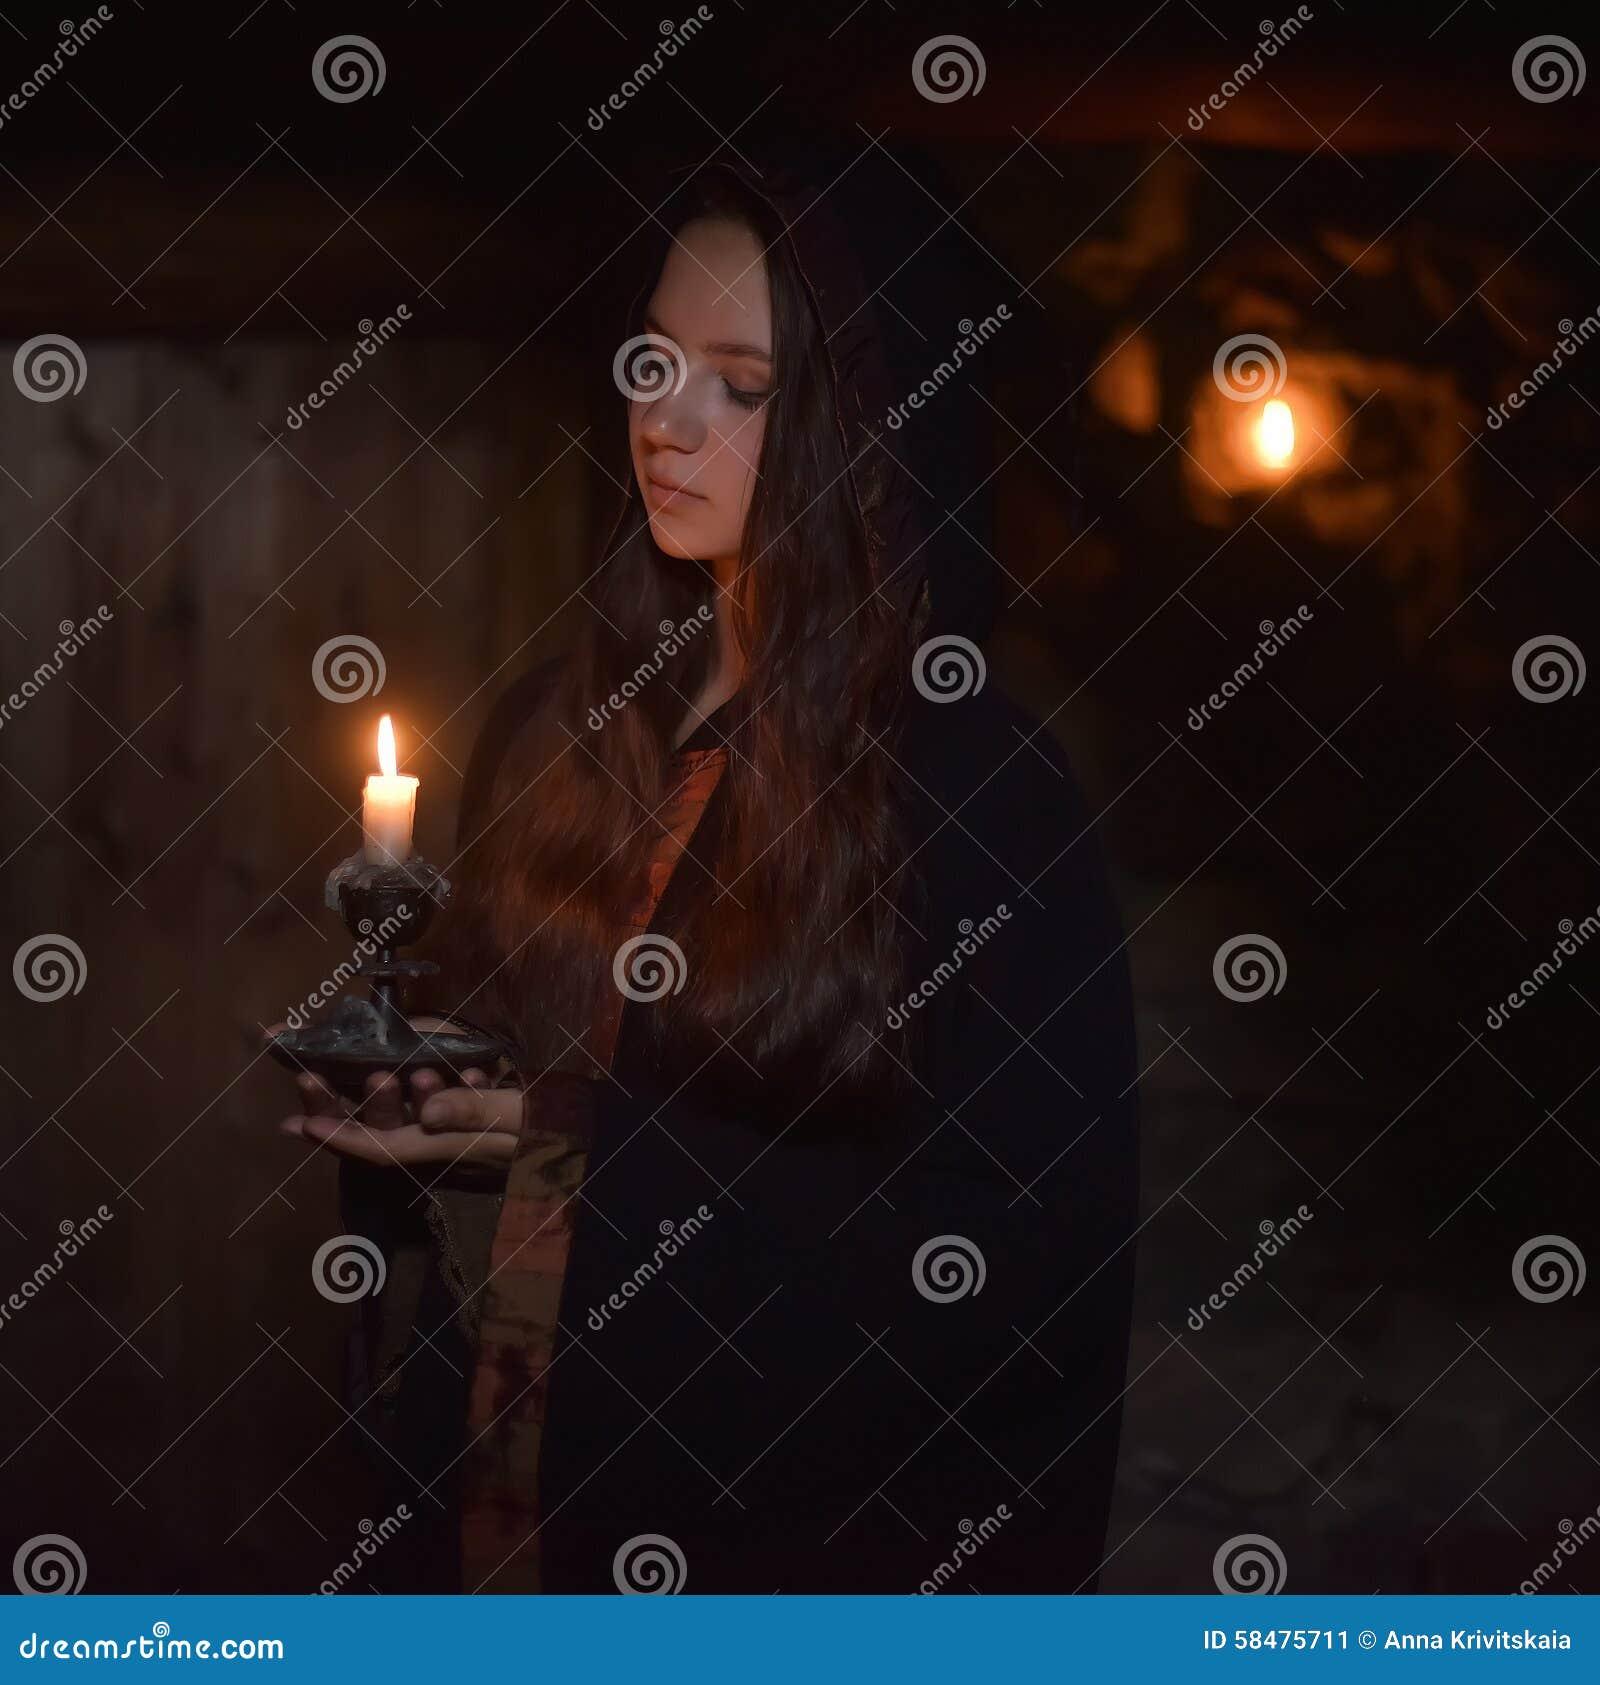 Girl in a dark cloak